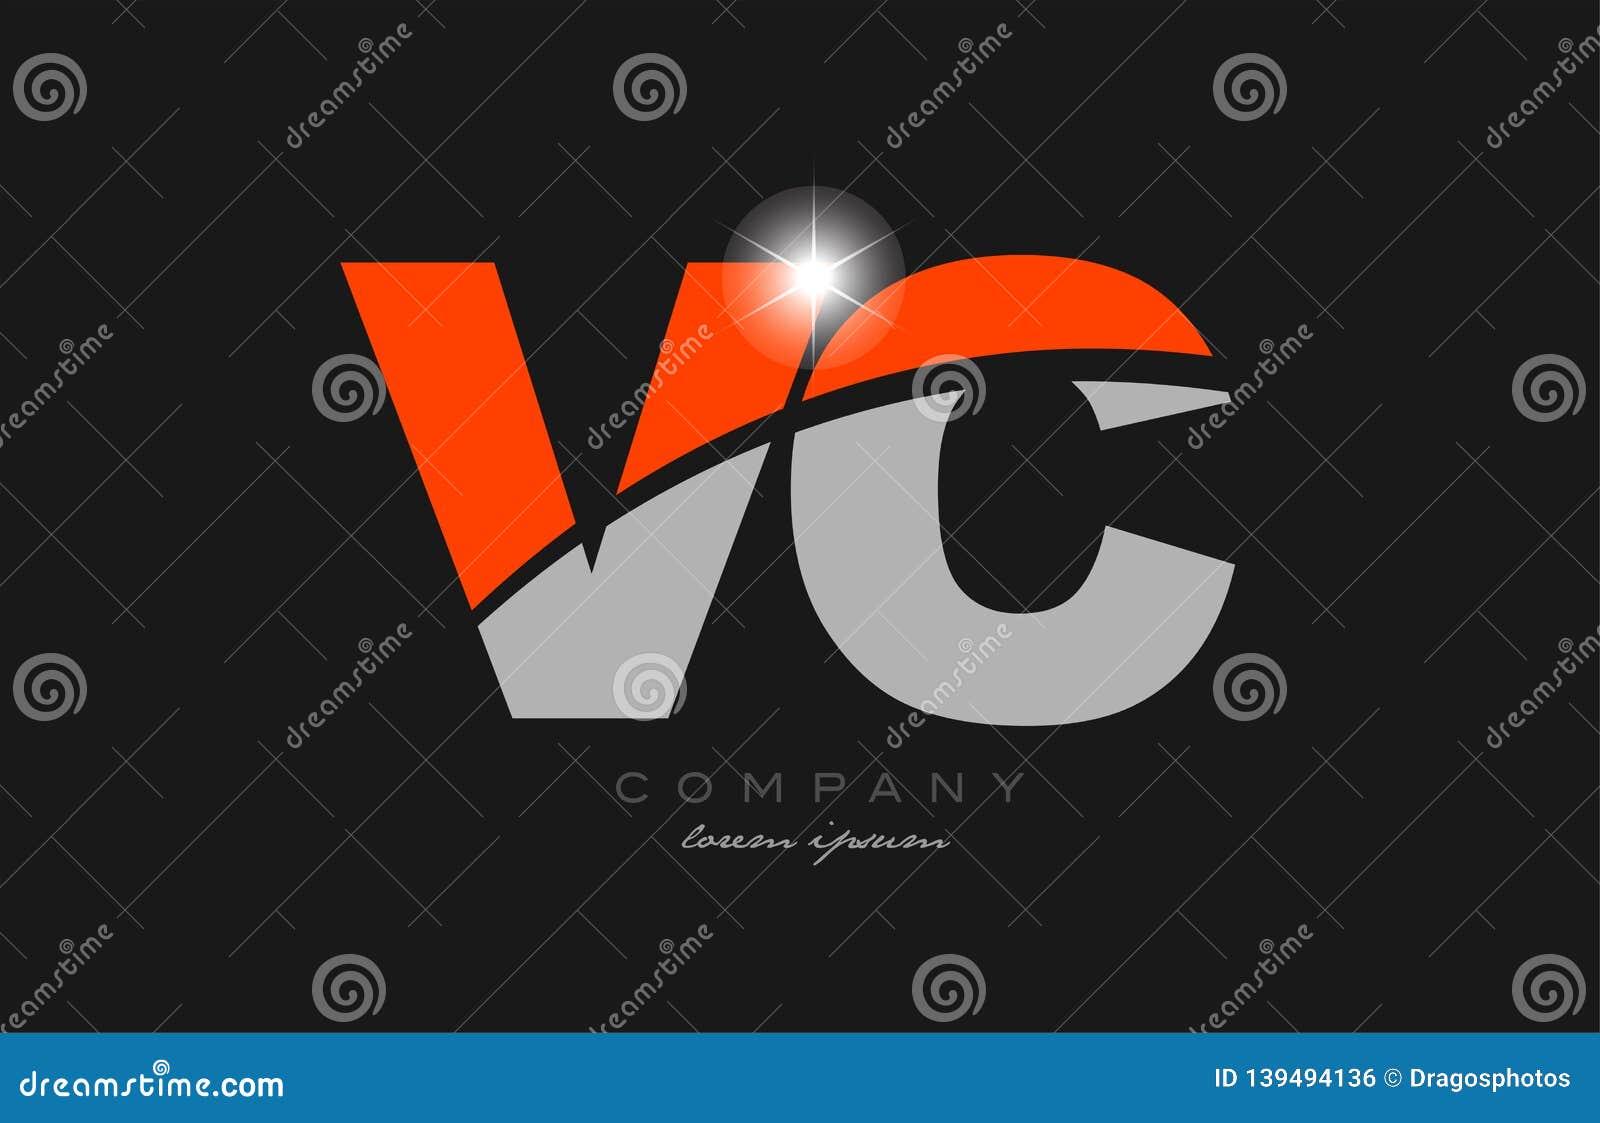 Combination Letter Vc V C In Grey Orange Color Alphabet ...